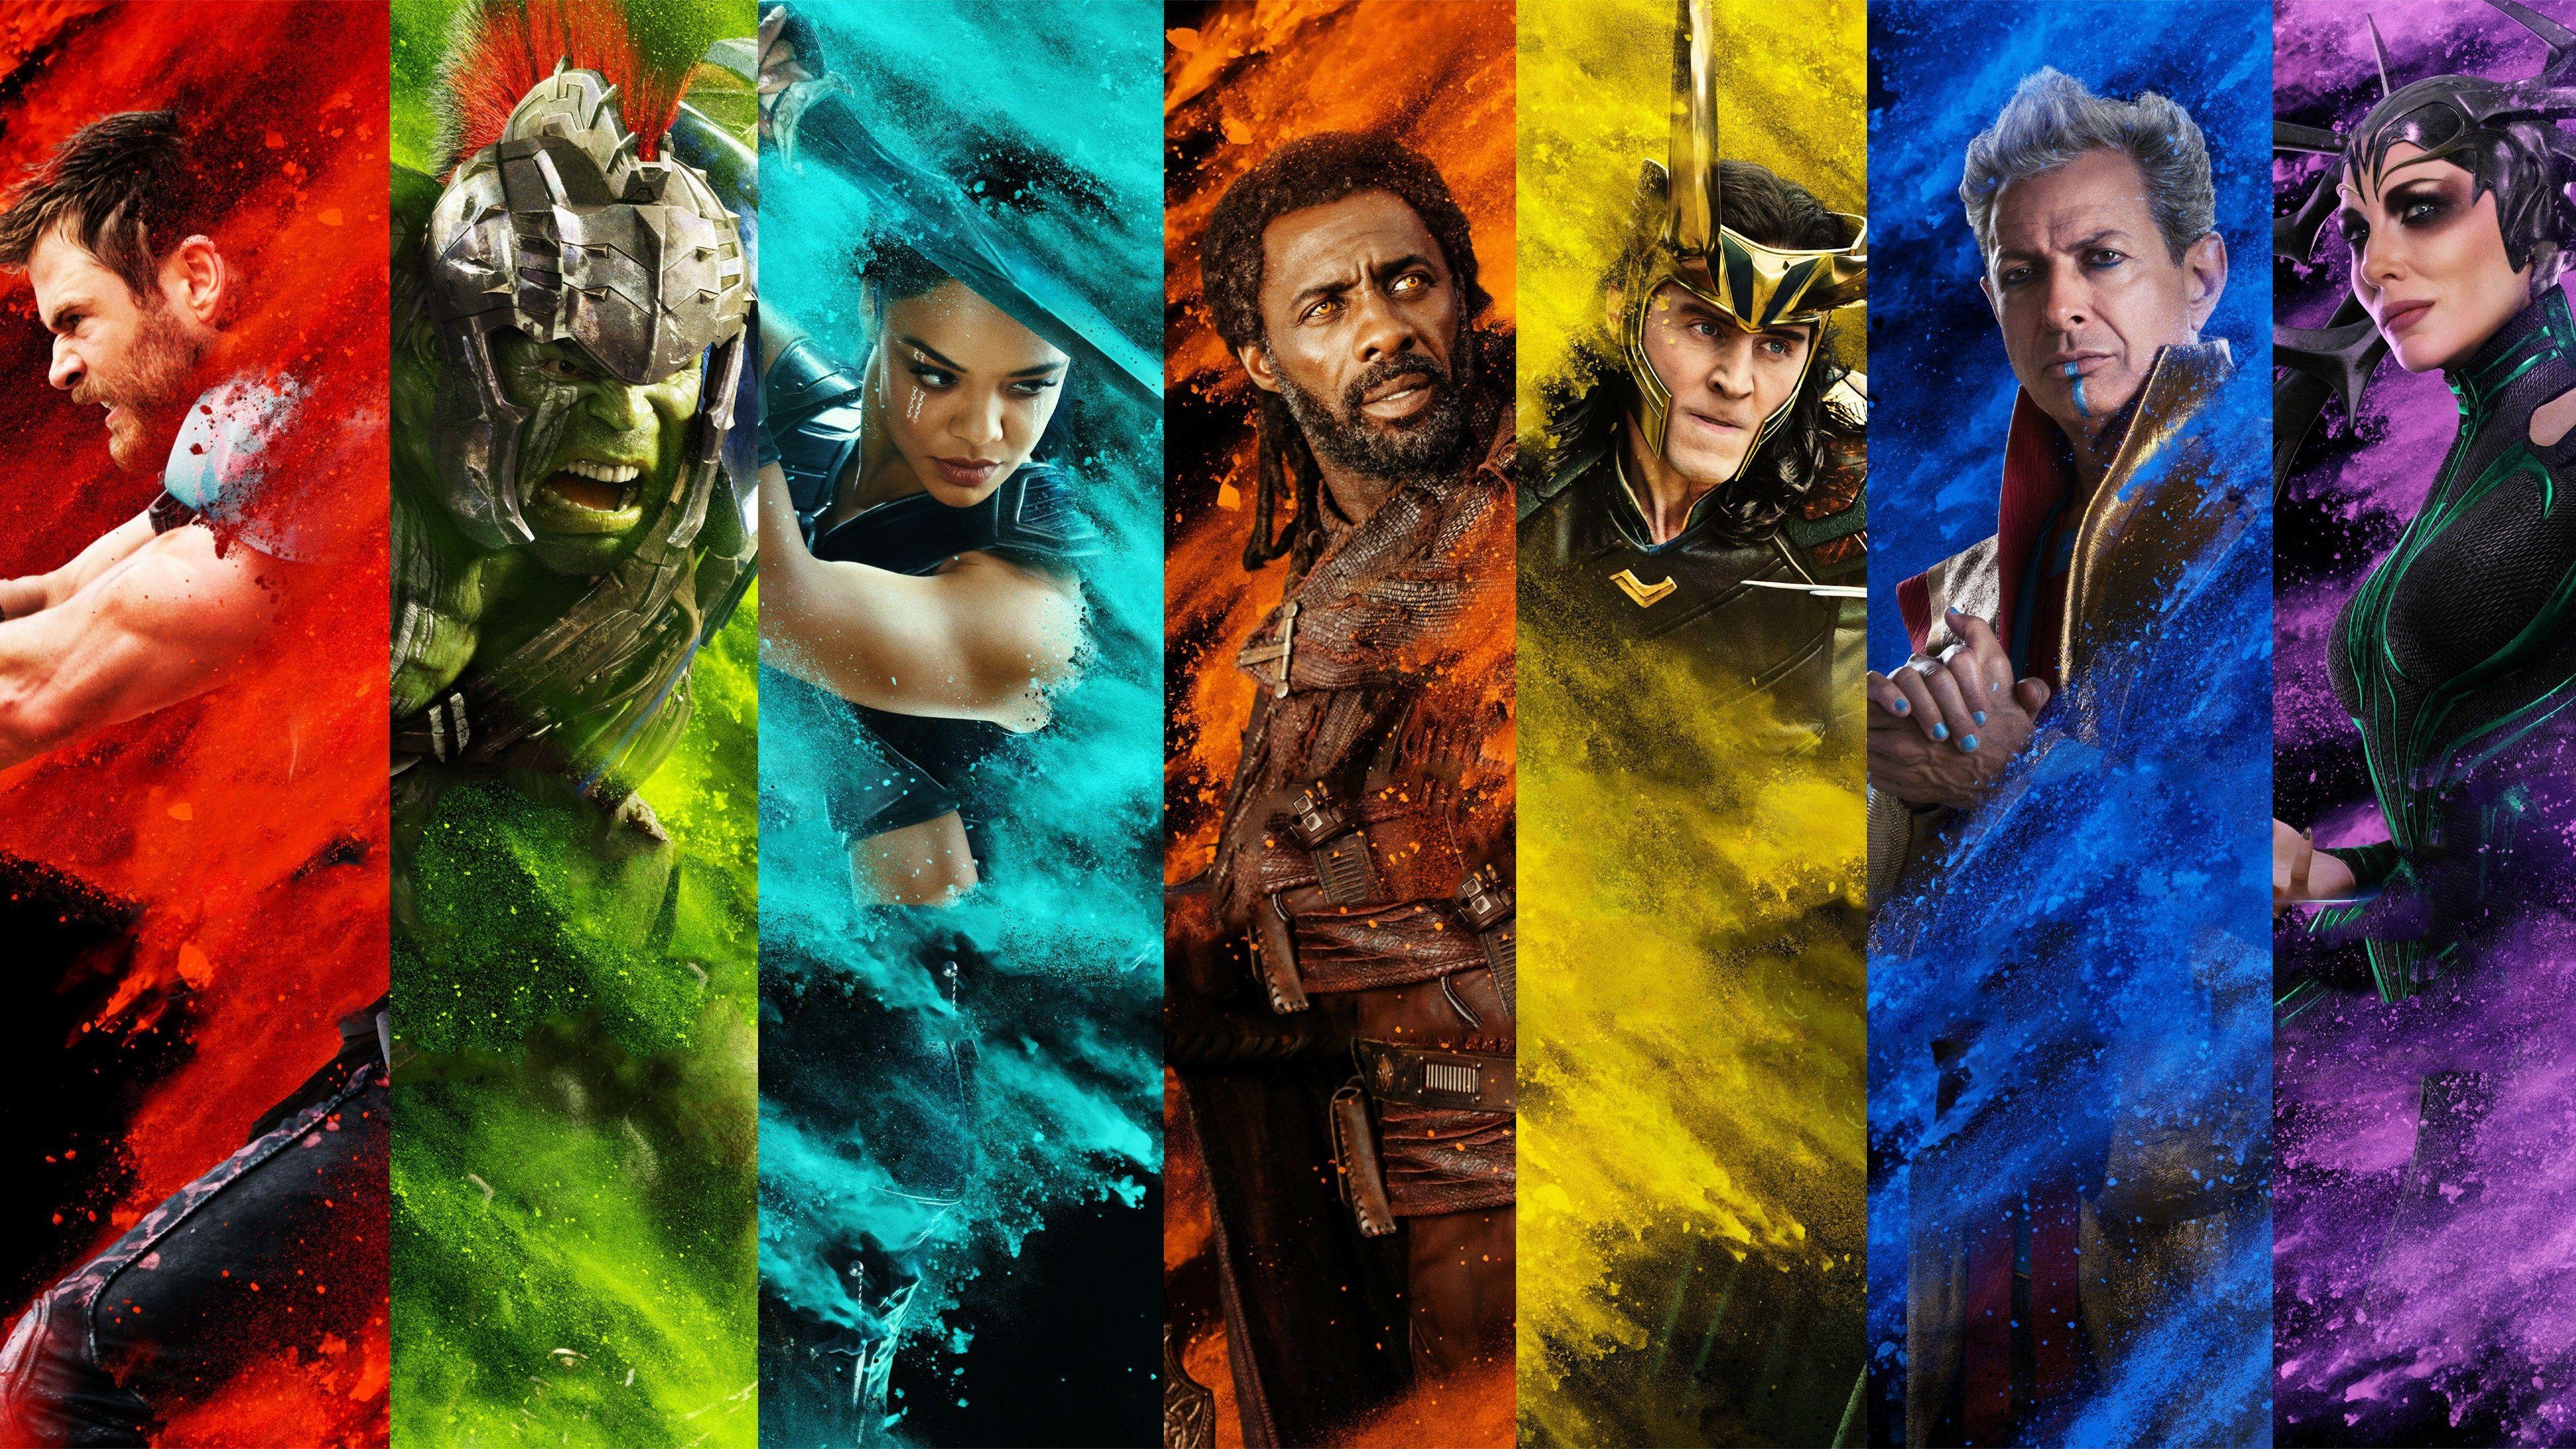 3840x2160 Thor Ragnarok 4k Wallpaper For Pc Free Marvel Ragnarok Characters Marvel Thor